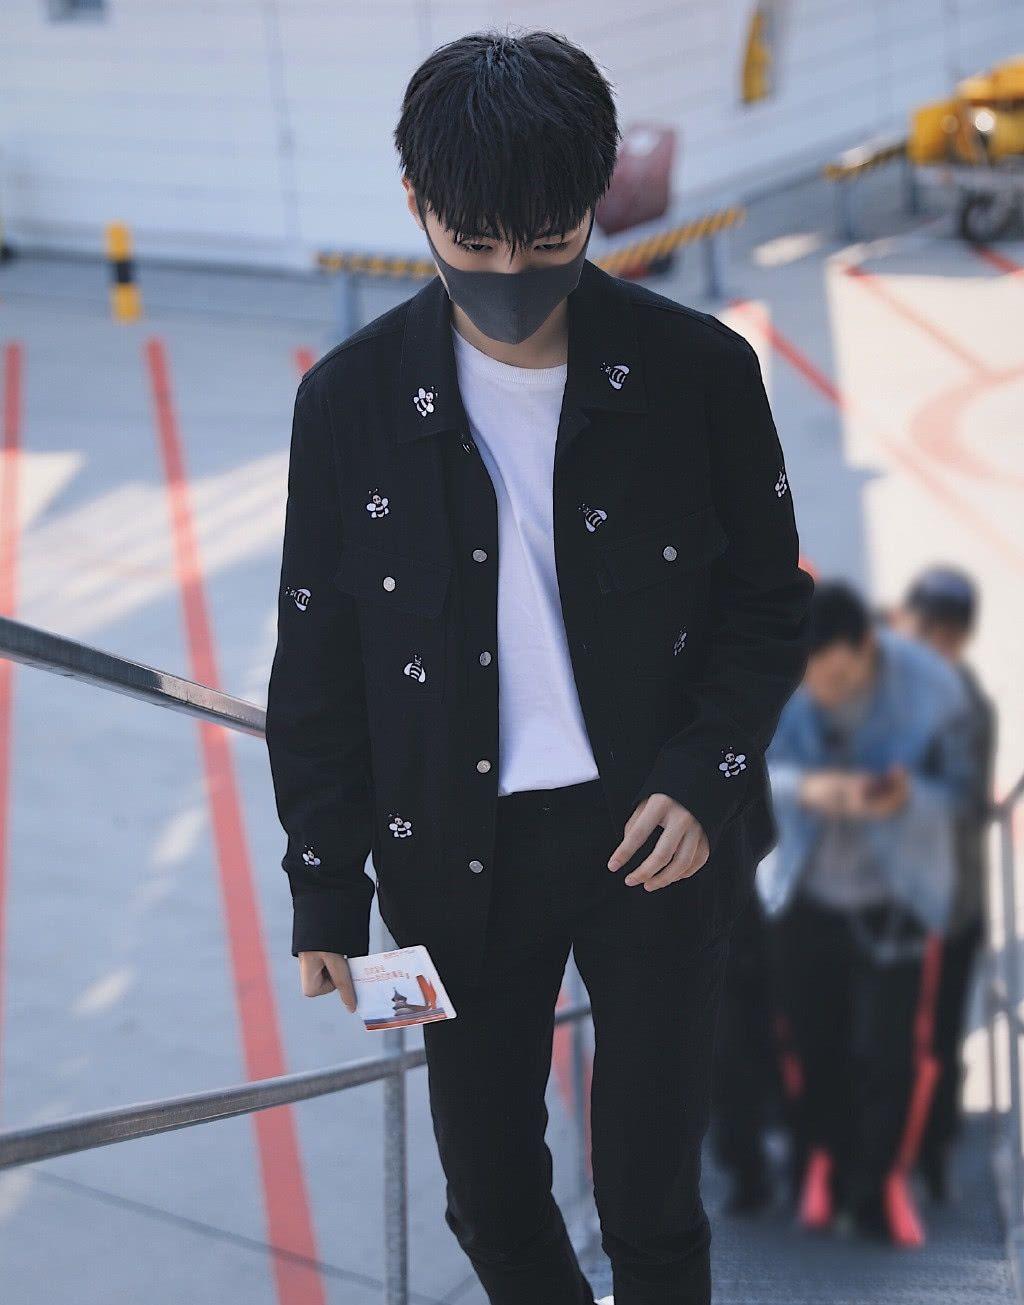 久违的机场秀来了!王俊凯顶着新发型,拖着超大行李箱,有范儿